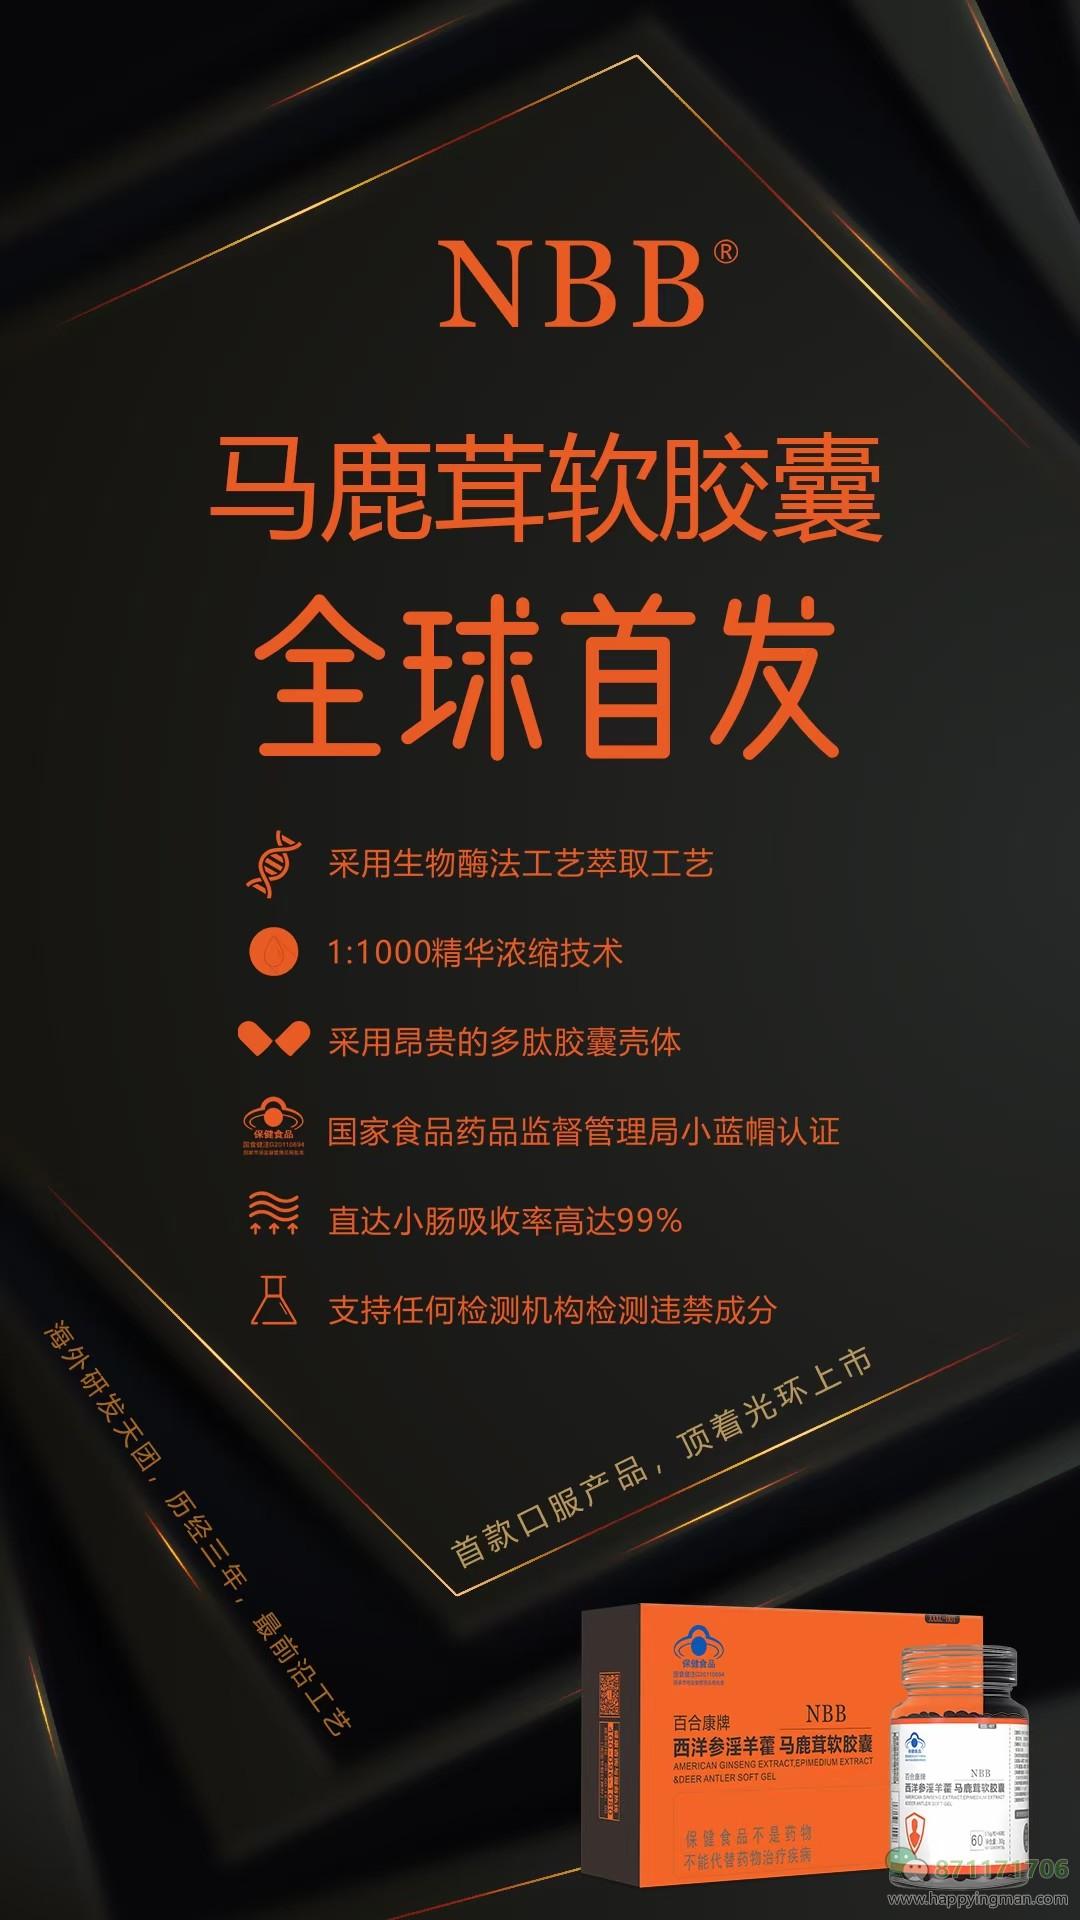 NBB新品『马鹿茸软胶囊』全球首发NBB首款口服产品,正式上市